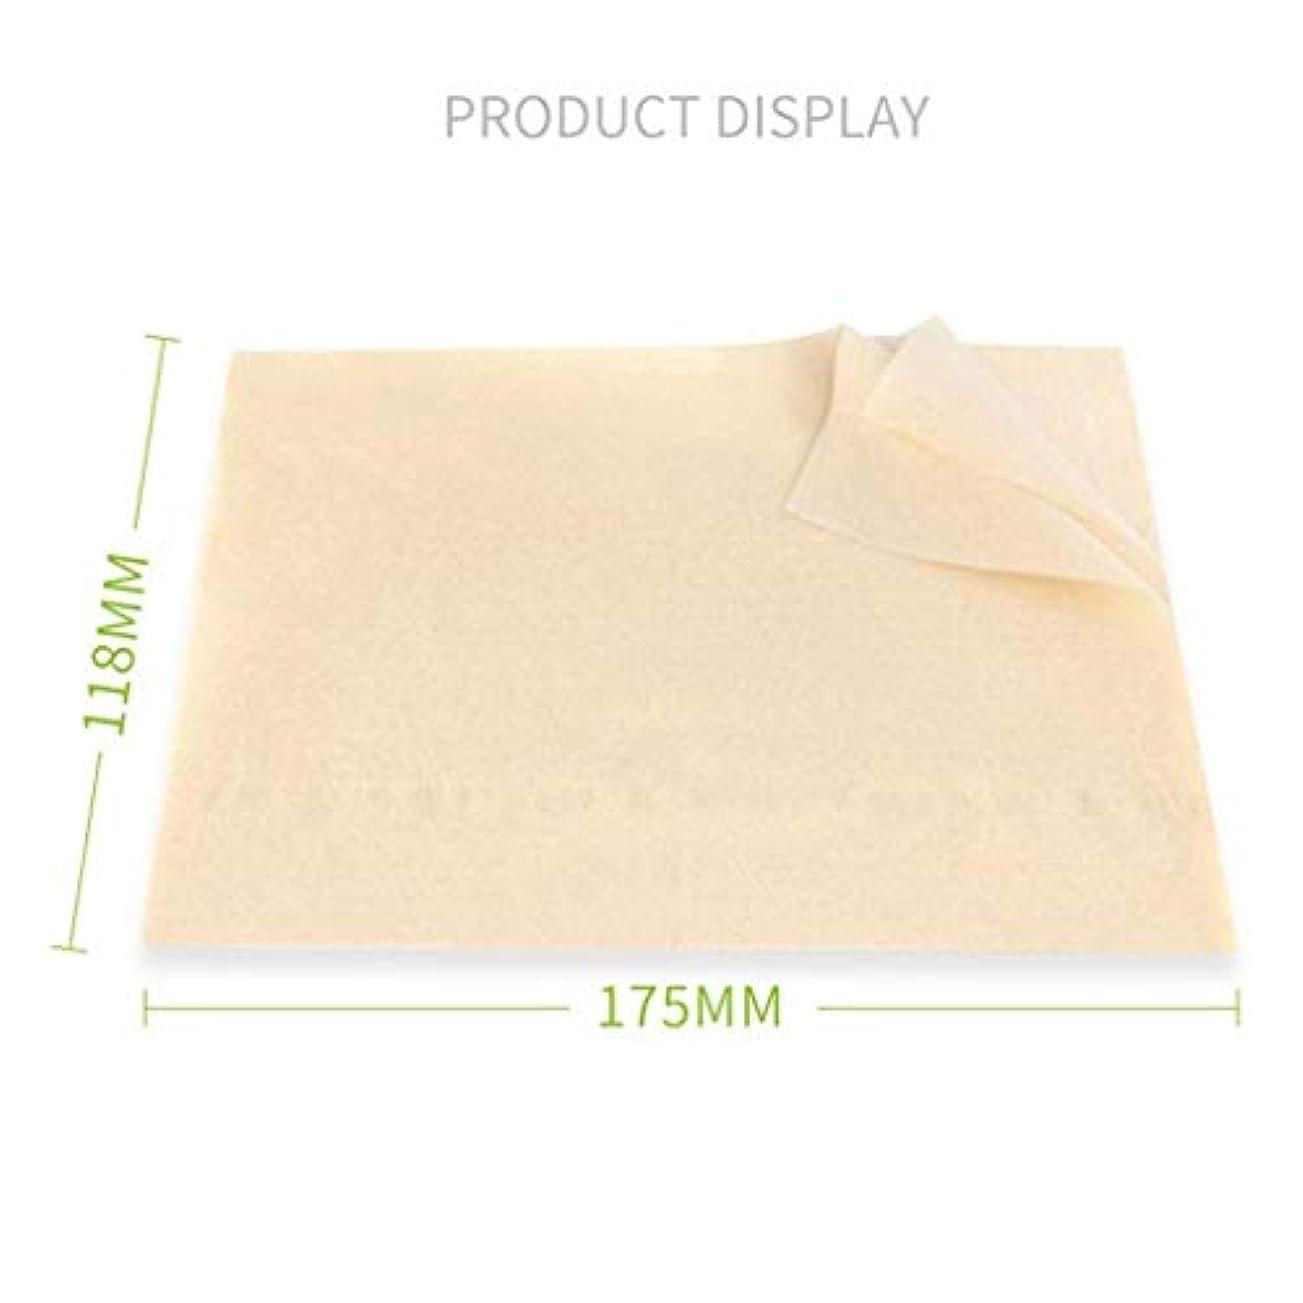 ズーム前提条件メタルラインペーパータオル40パック、家庭用ラップ、ナプキン、家庭用ティッシュペーパー、無添加、刺激なし、1シートあたり3/4レイヤー